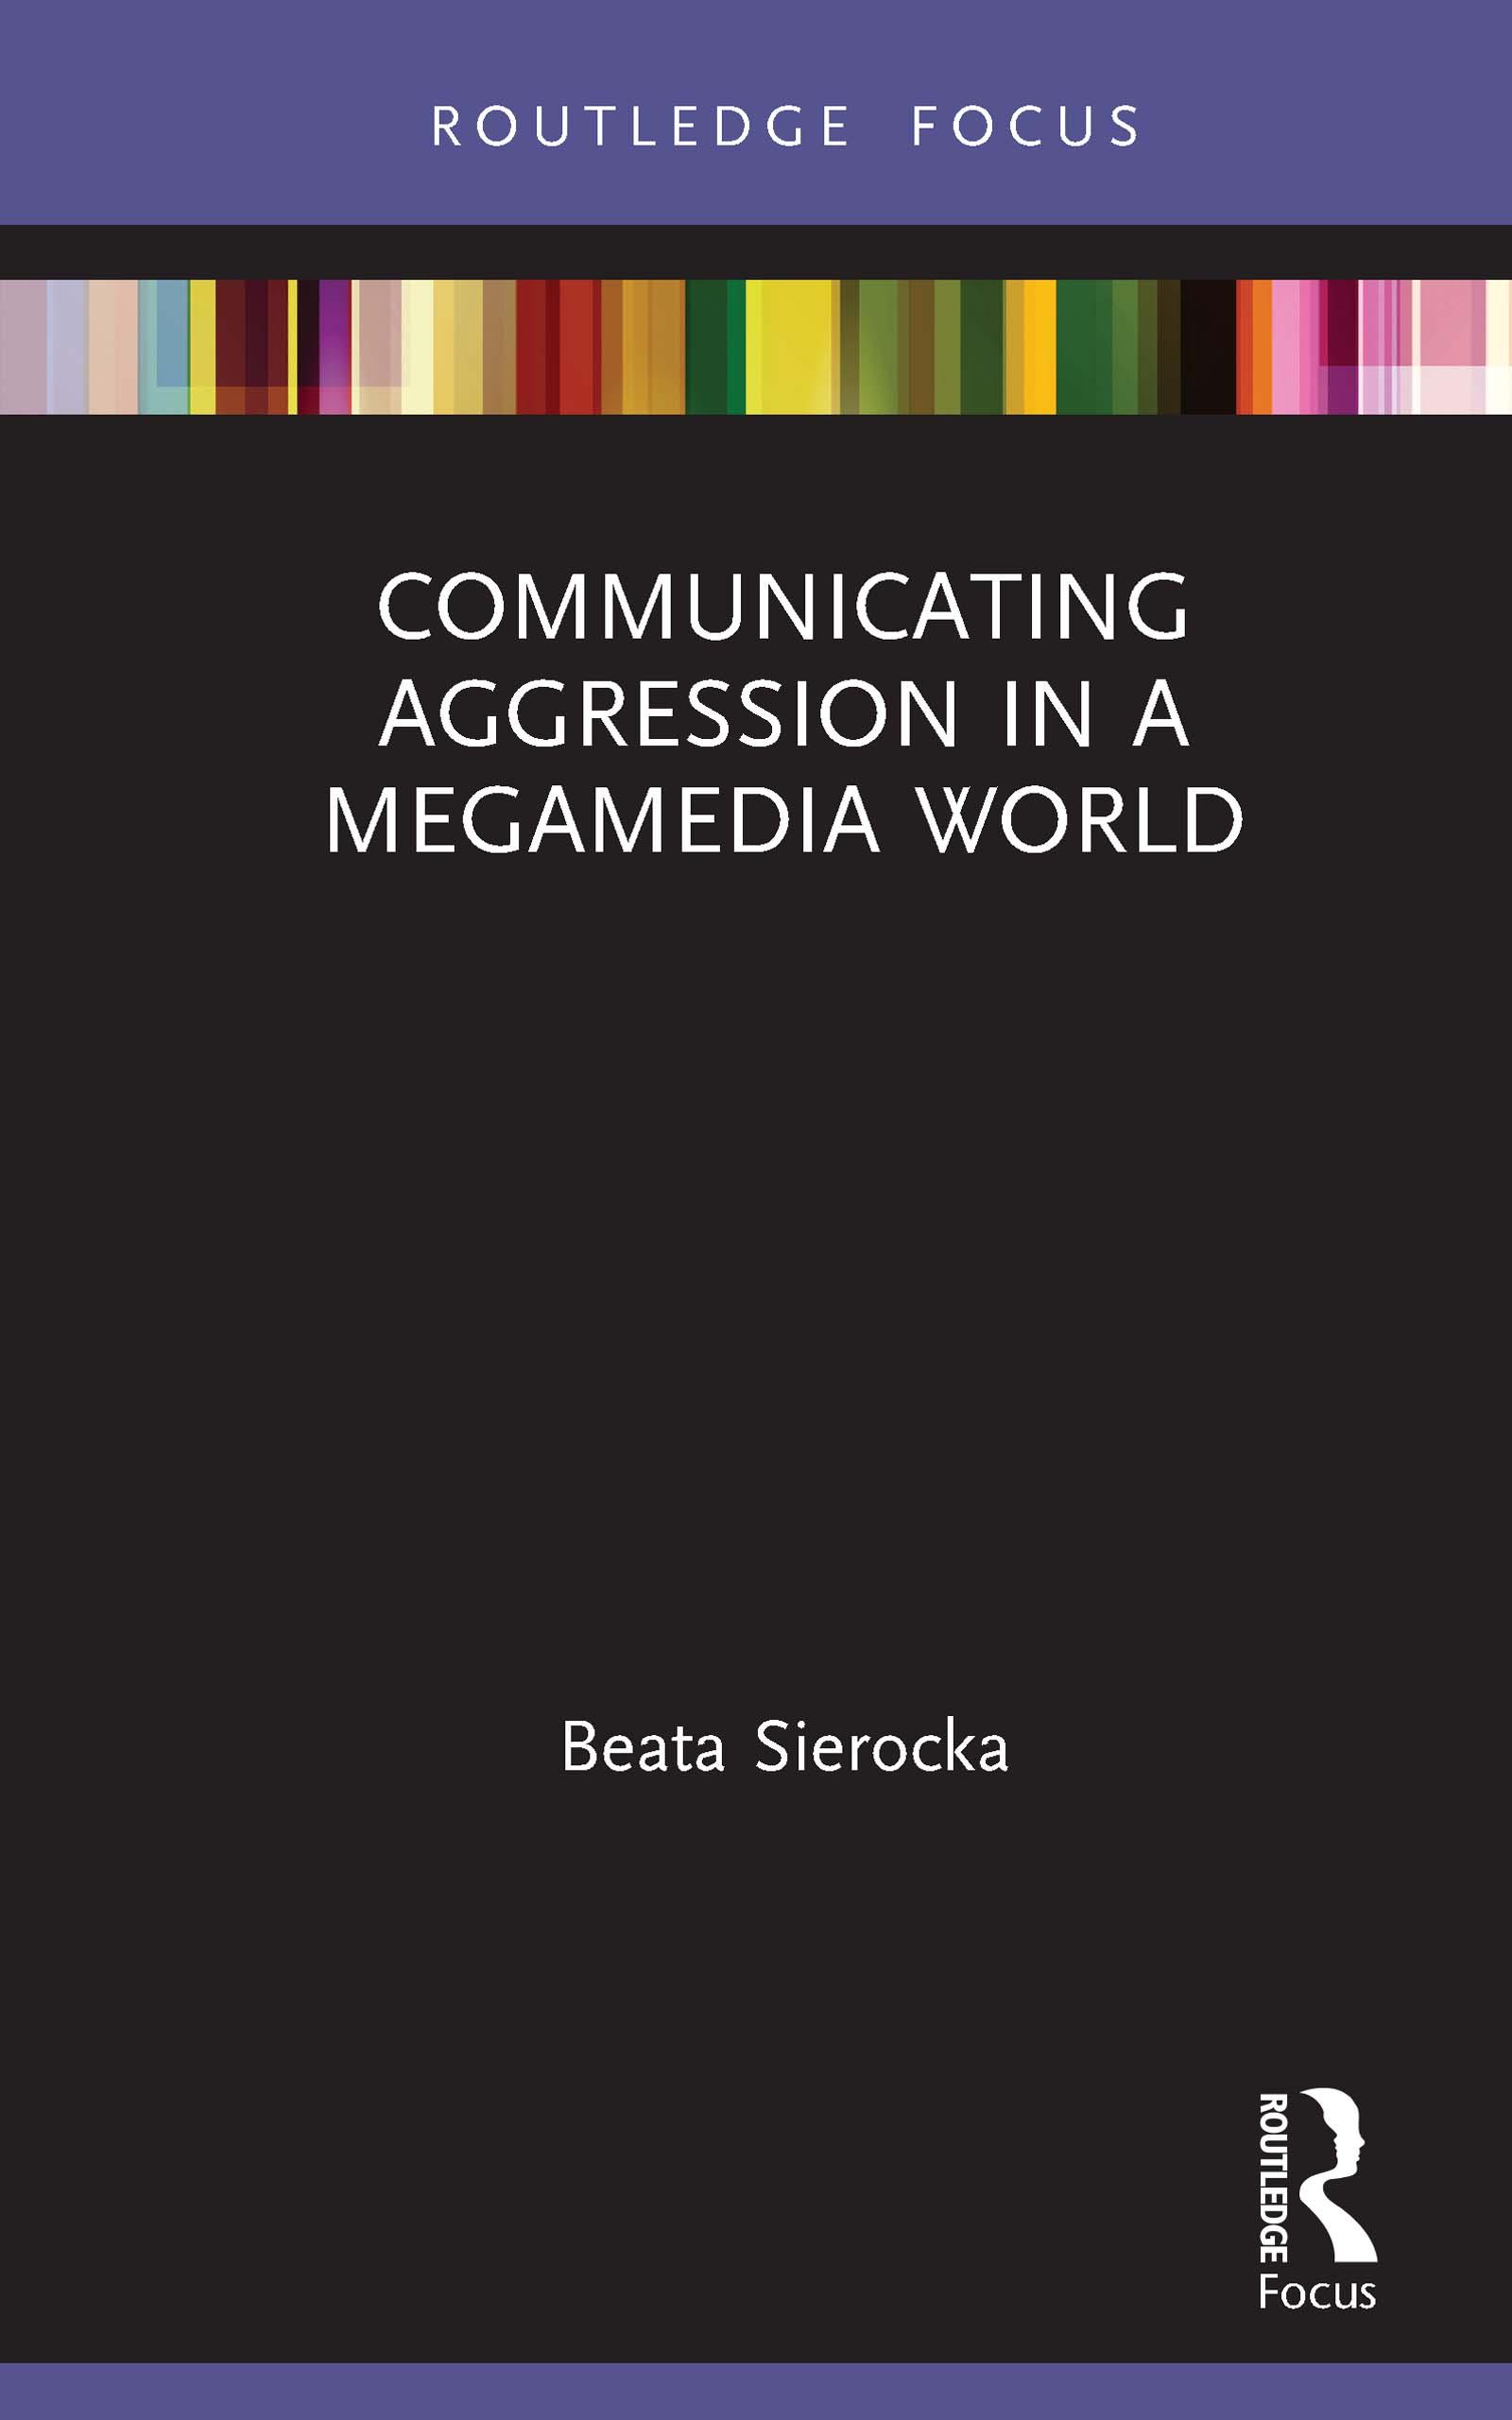 Aggression in the Megamedia World